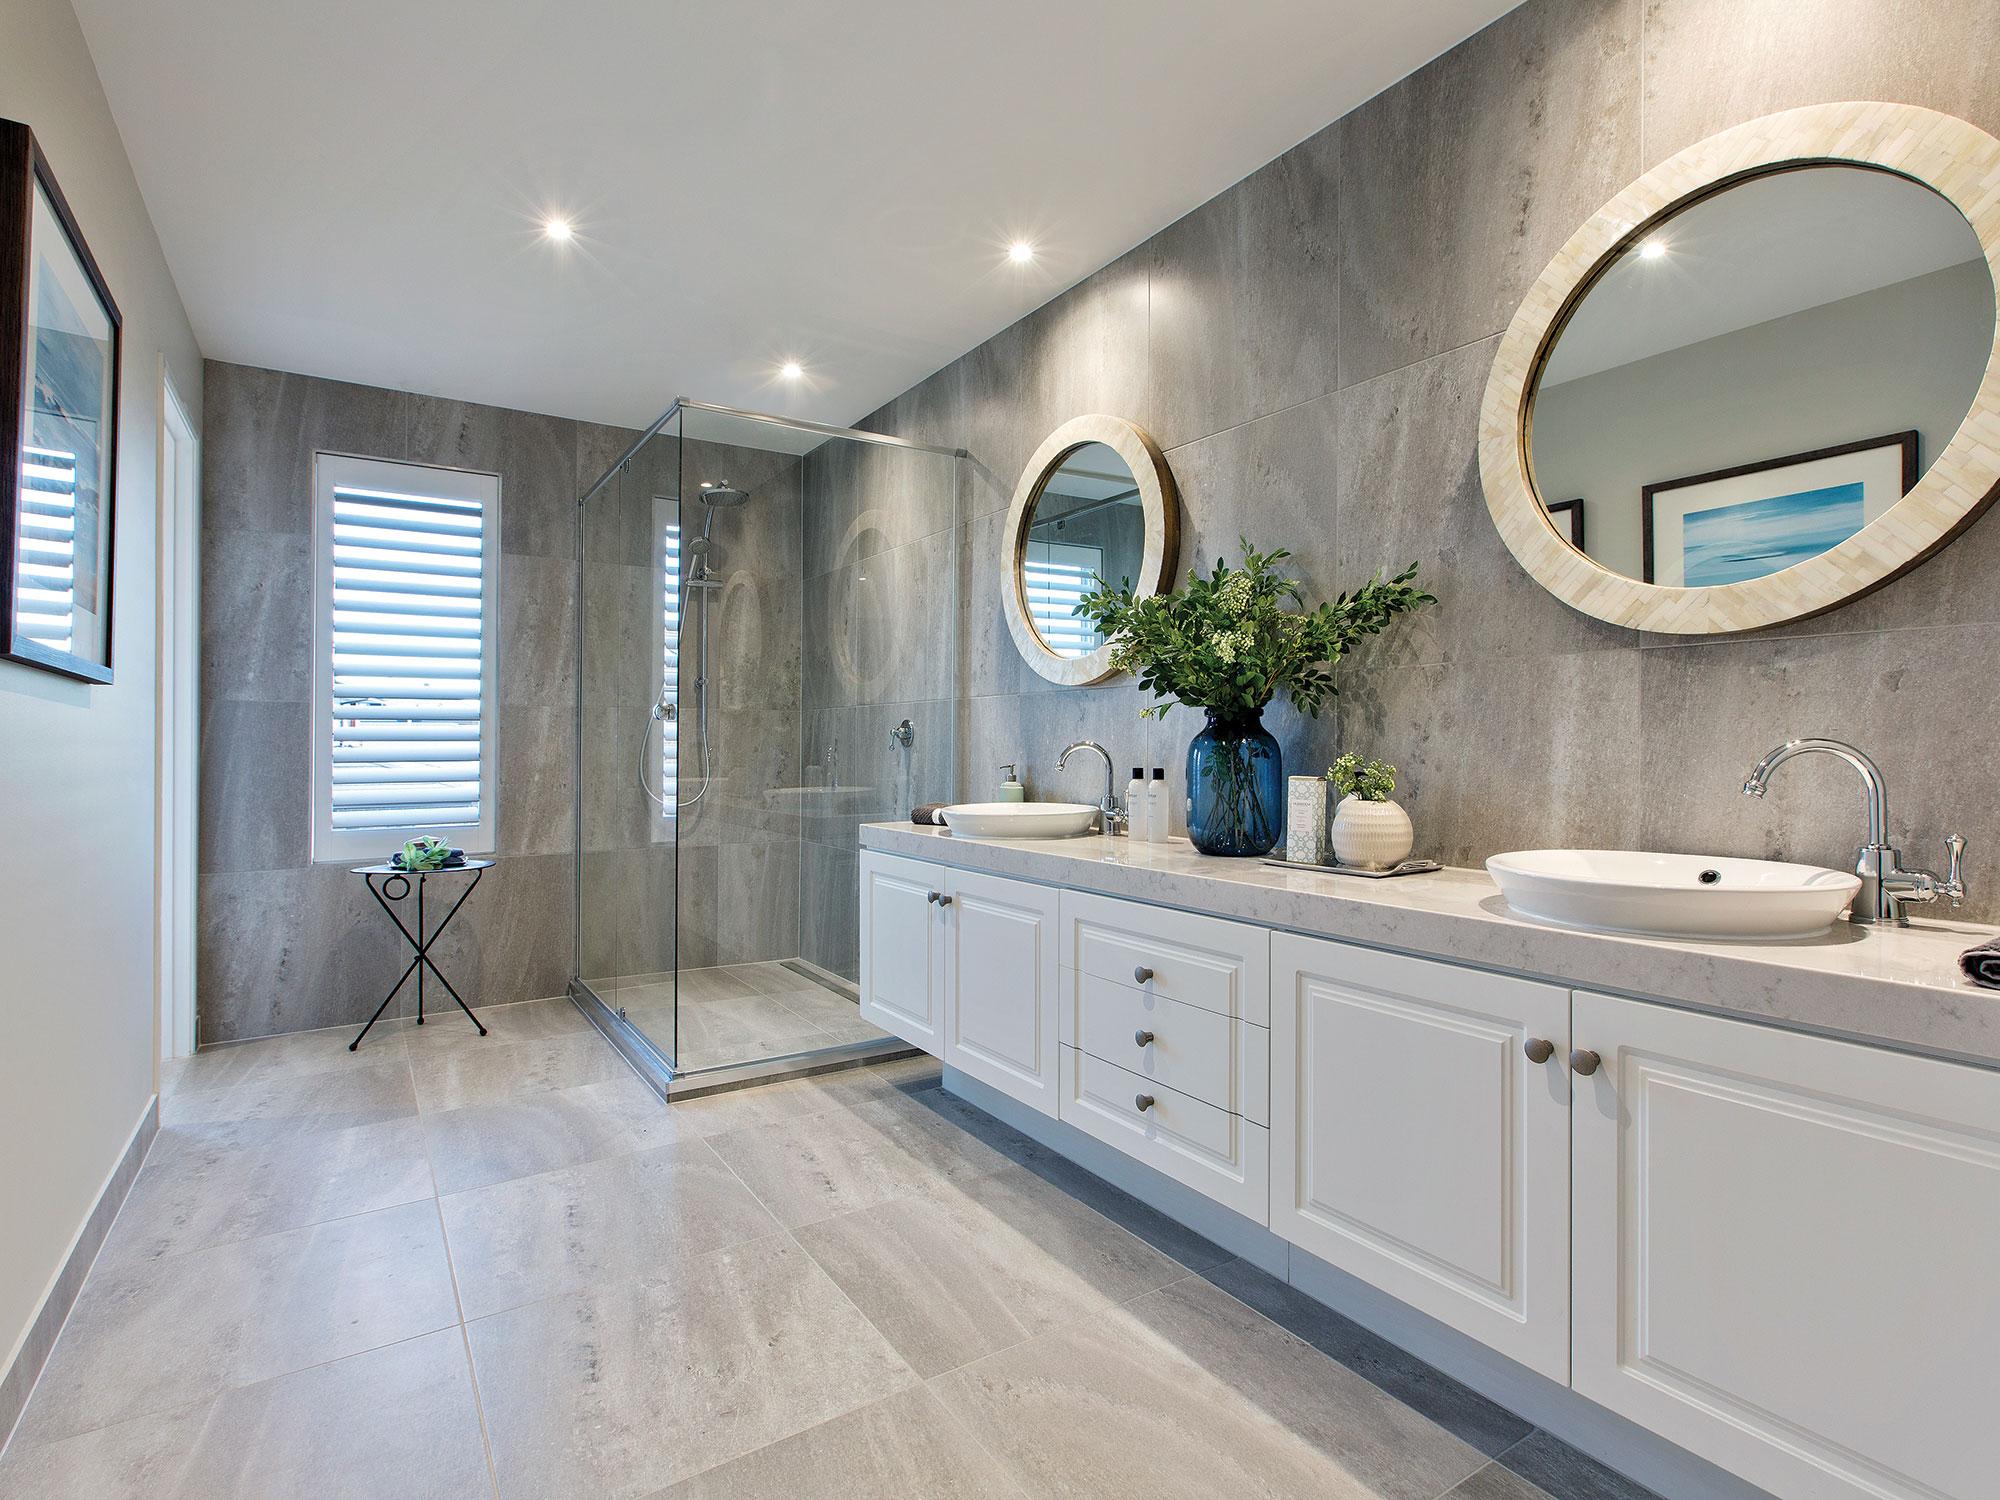 Traditional Bathroom Ideas - realestate.com.au on Restroom Ideas  id=13819